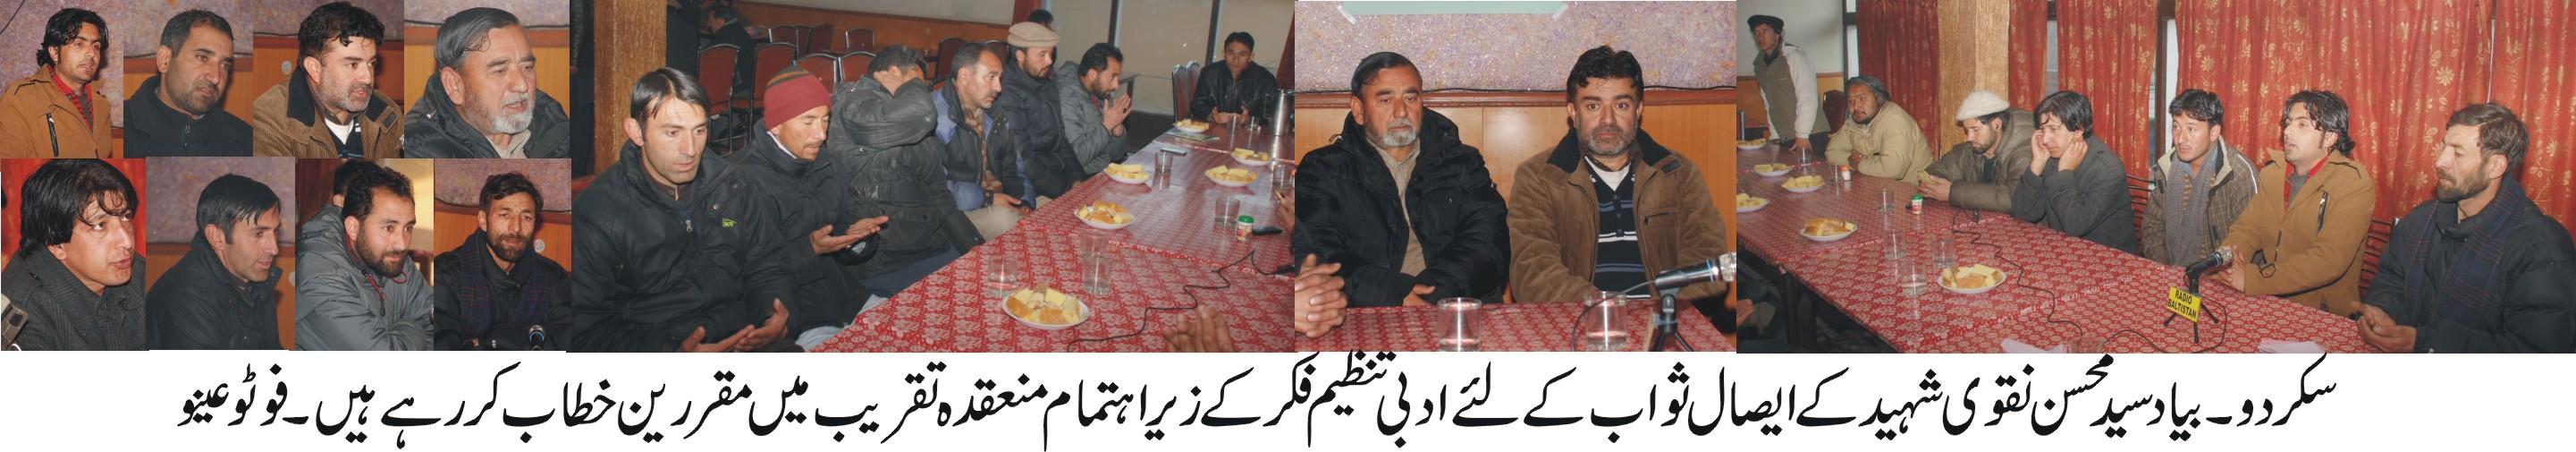 اسکردو: معروف شاعر محسن نقوی کی 19 ویں برسی کے حوالے سے تقریب